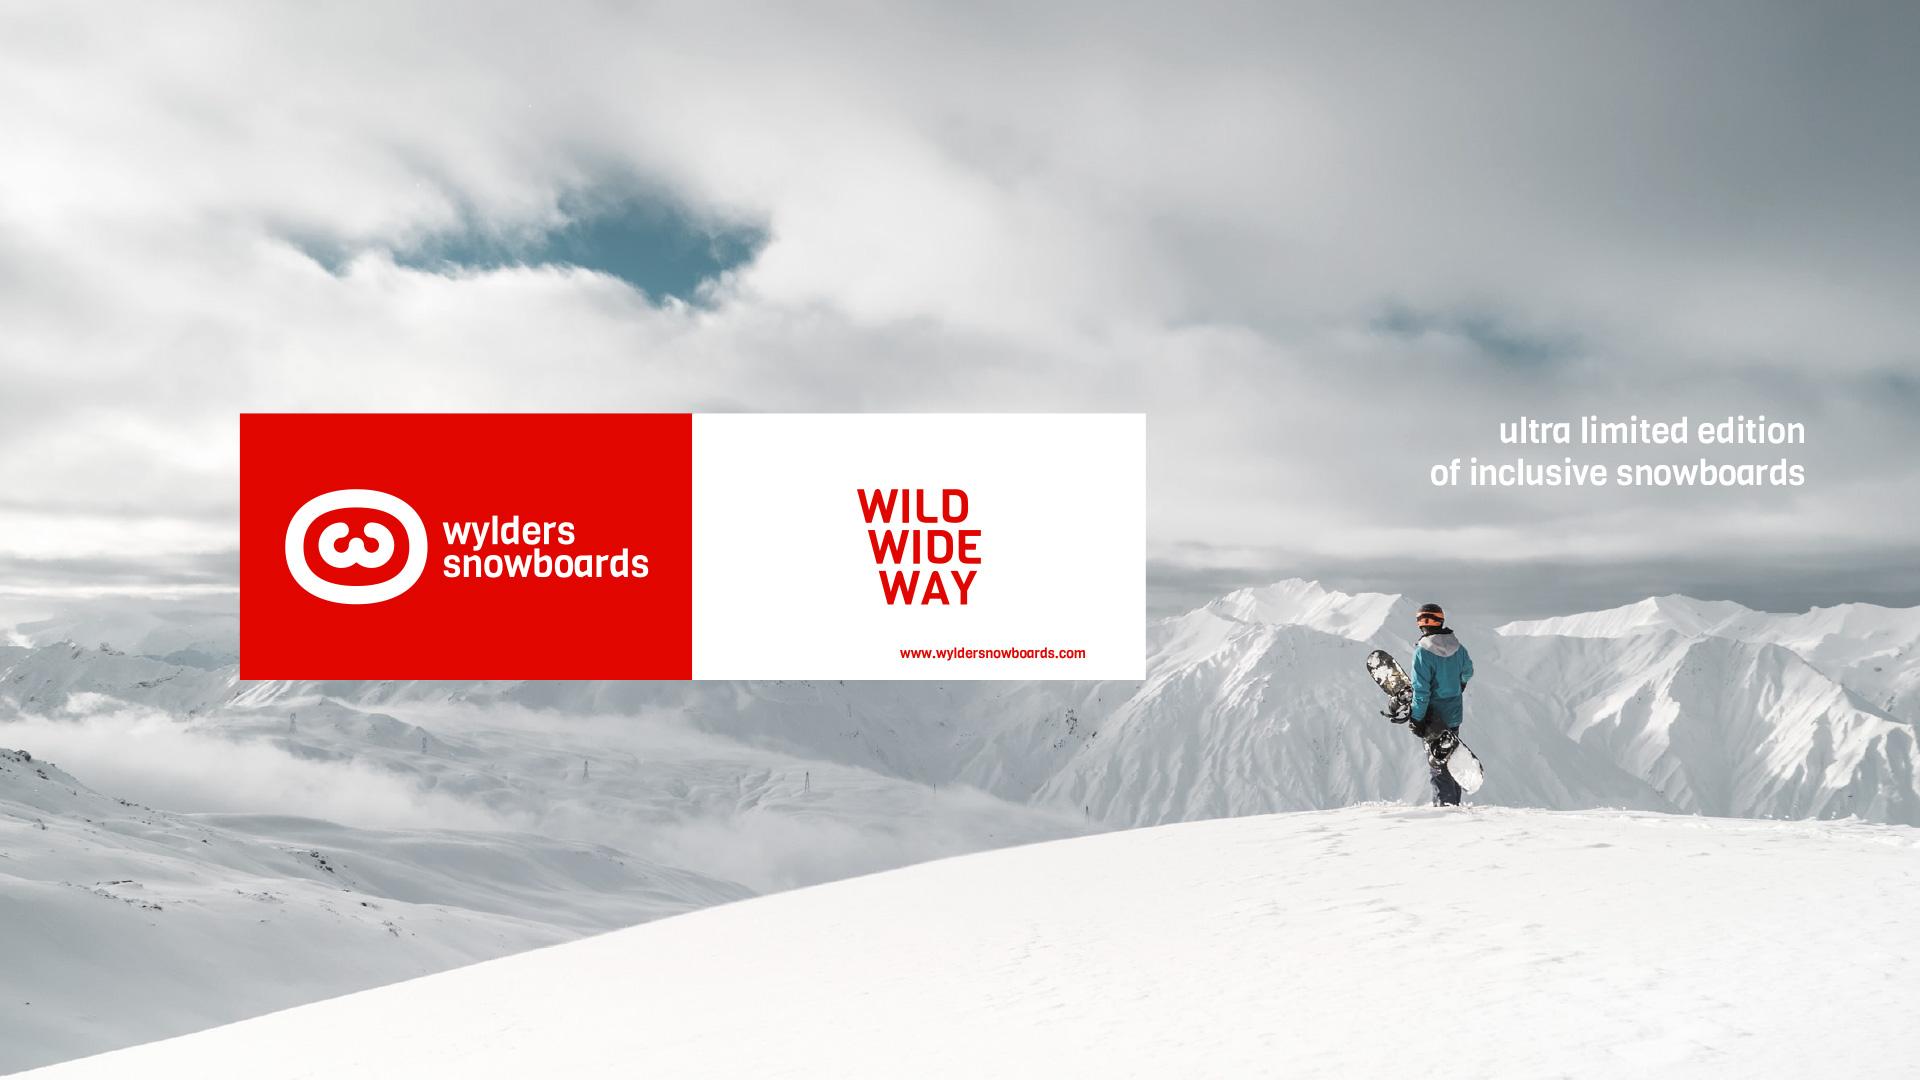 Visuel clé Wylders Snowboards